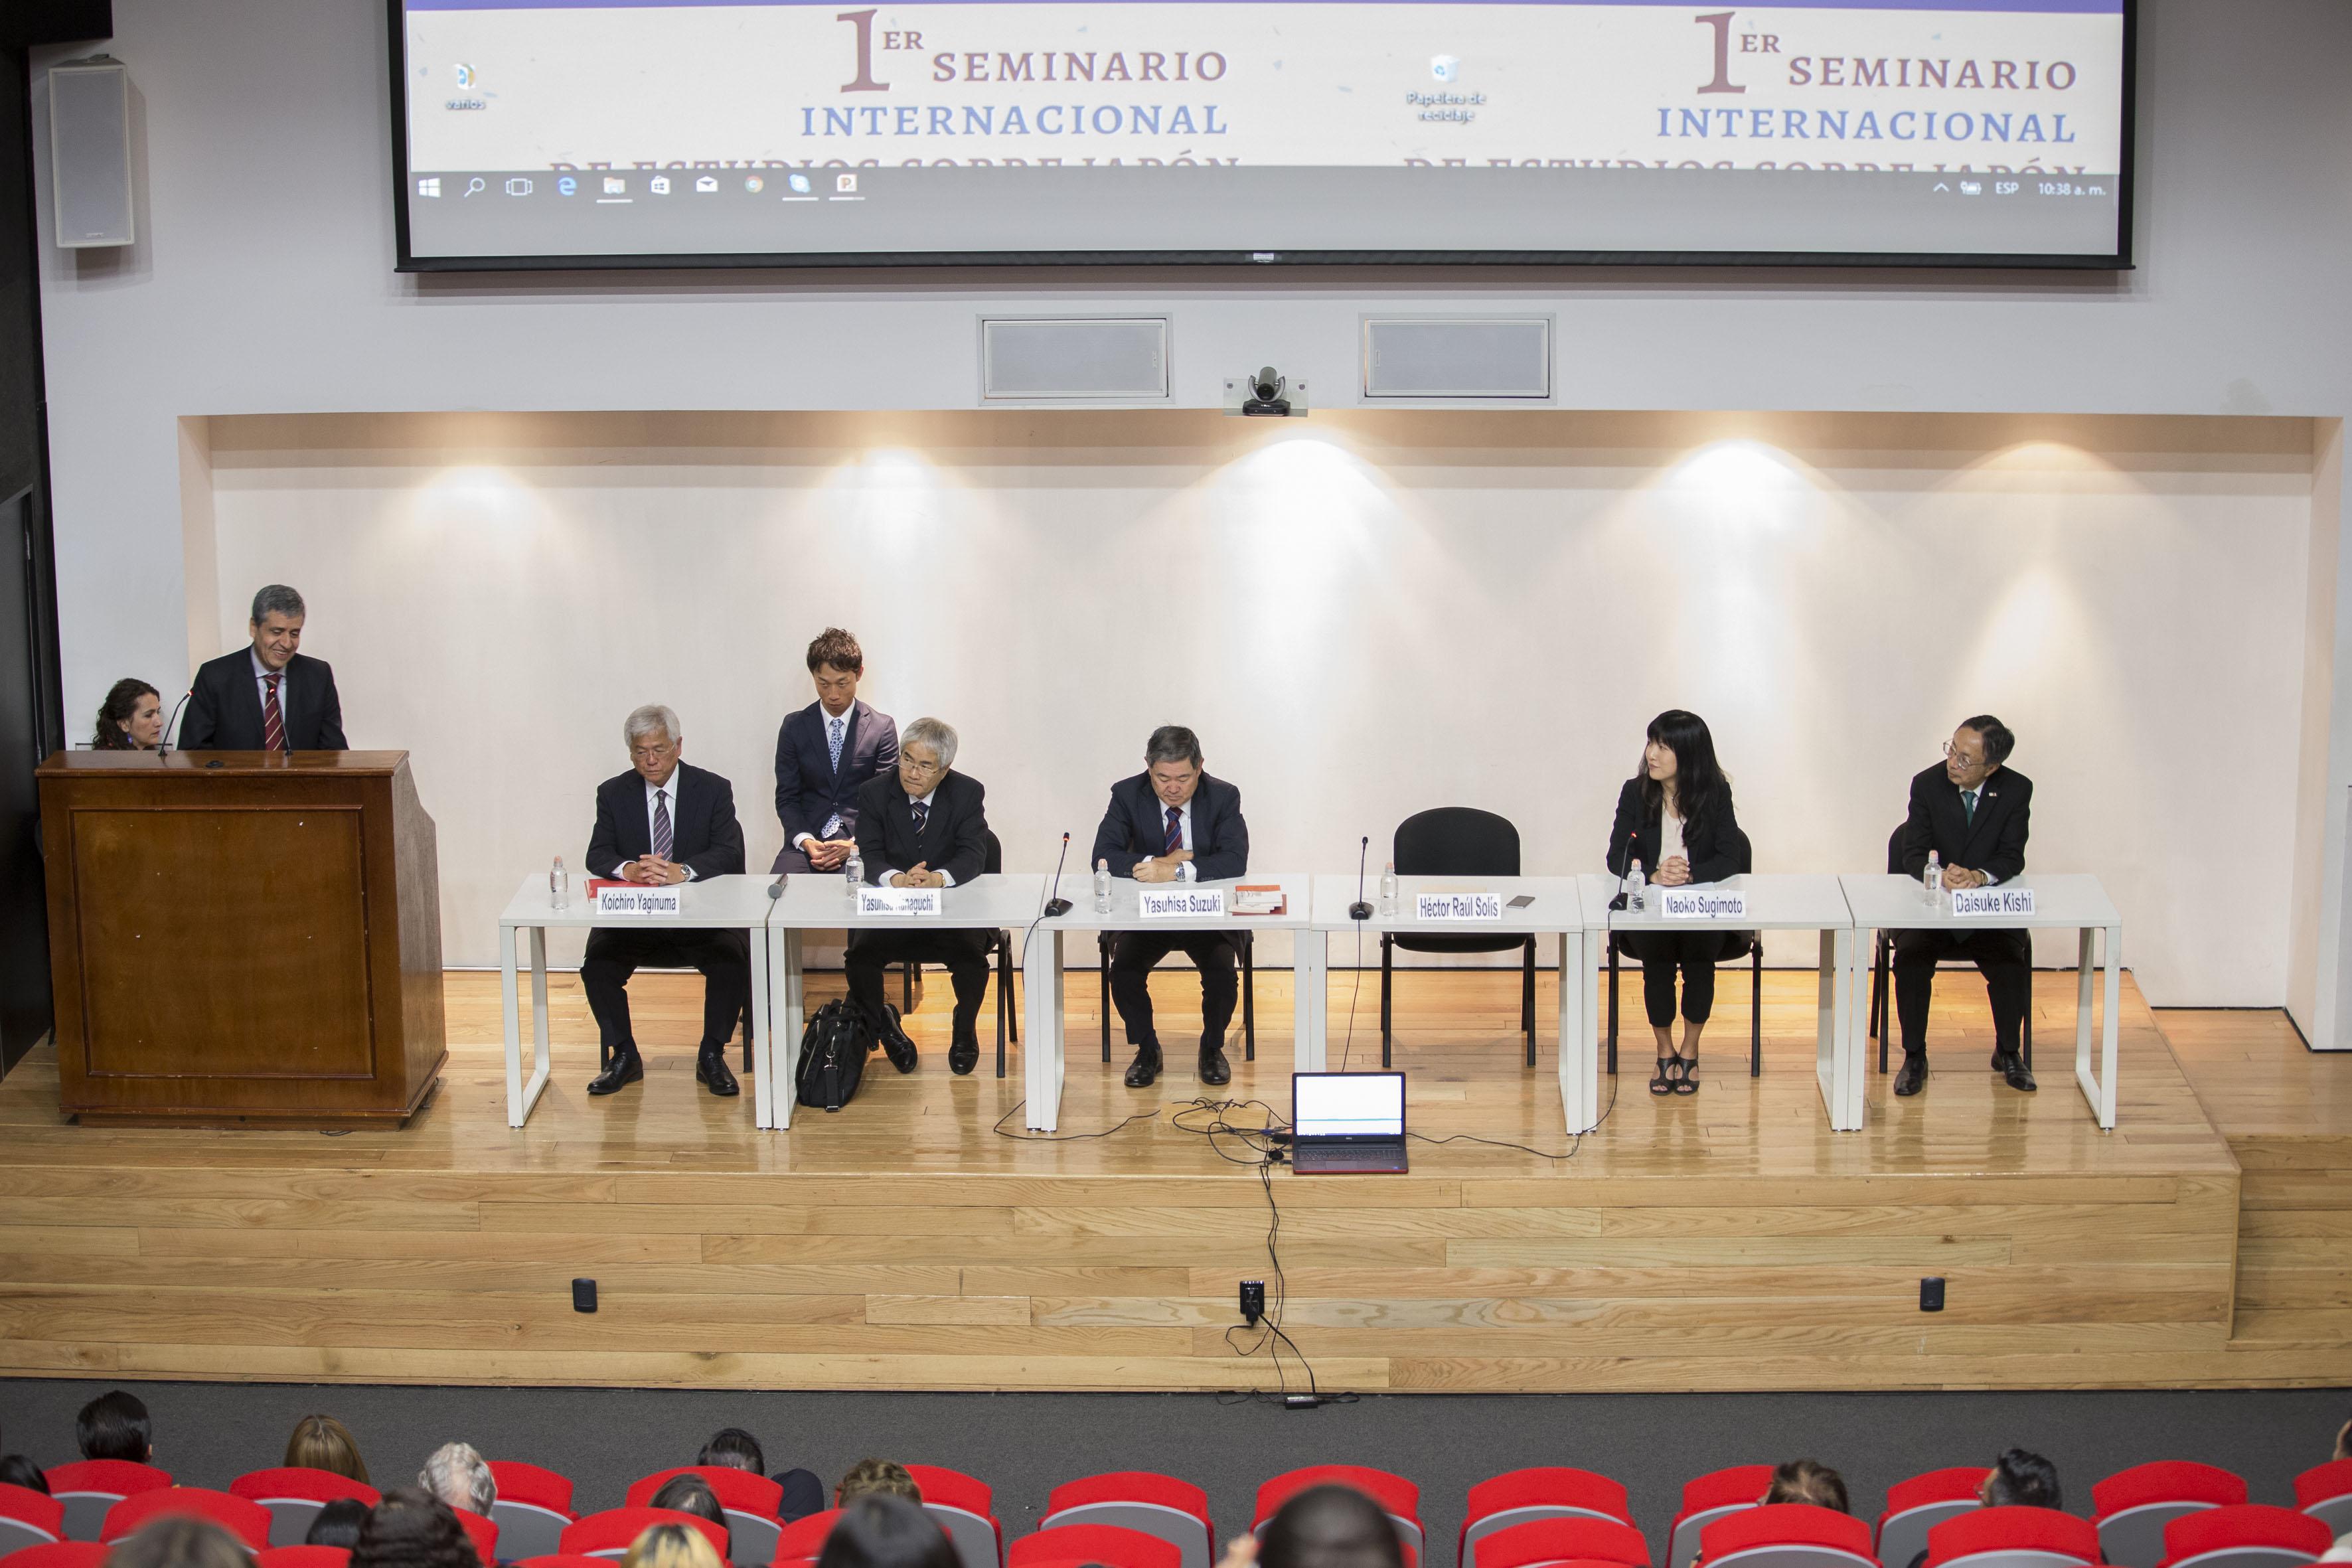 Doctor Héctor Raúl Solís Gadea, Rector del CUCSH y representantes de la Universidad de Estudios Internacionales de Kanda,Japón, participado en el seminario.